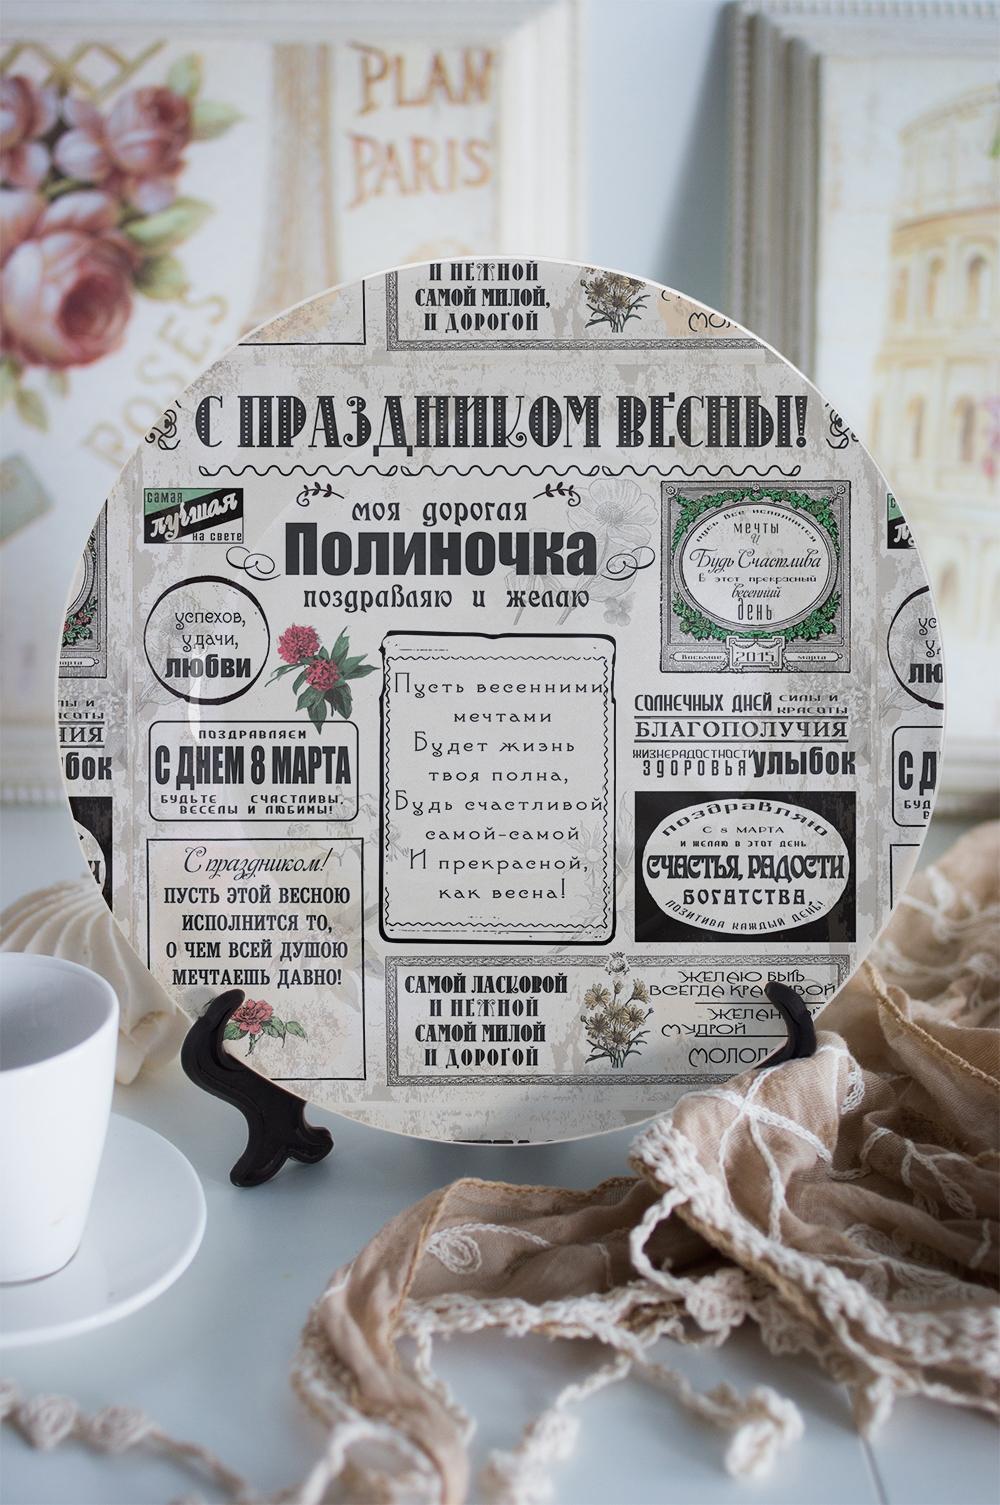 Тарелка декоративная с вашим текстом Вести к 8 мартаТарелки и пиалы<br>Подарите необыкновенный сувенир с индивидуальной надписью и именем – такая декоративная тарелка станет эксклюзивным украшением для интерьера и незабываемым подарком! Выберите понравившийся фон, впишите любимую фразу, имя получателя. Диаметр 20см<br>